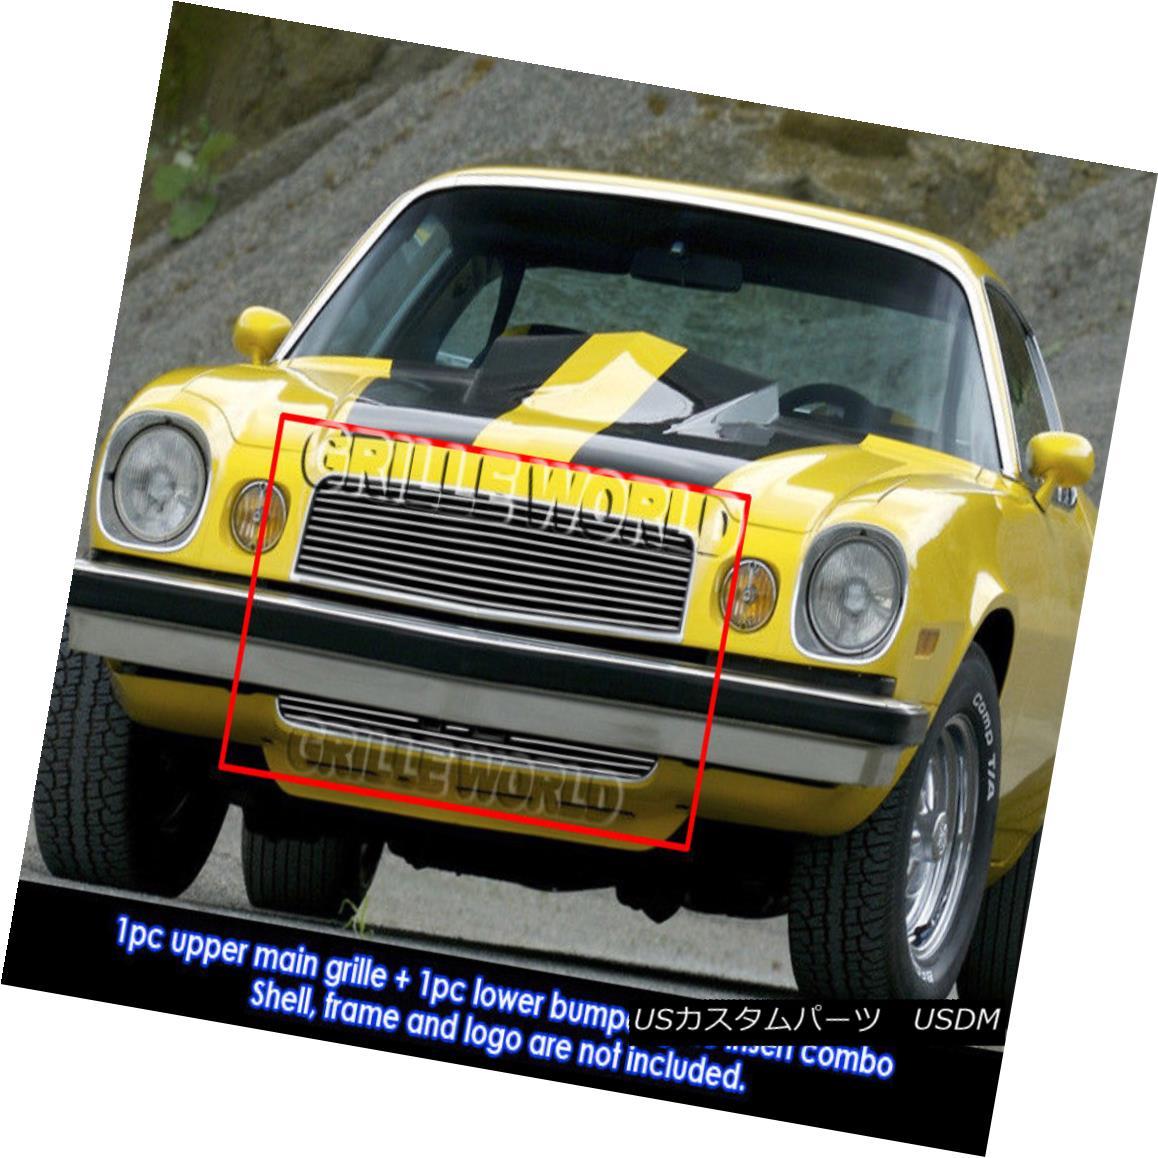 グリル For 1974-1977 Chevy Camaro Billet Grill Insert Combo 1974-1977シボレーカマロビレットグリルインサートコンボ用